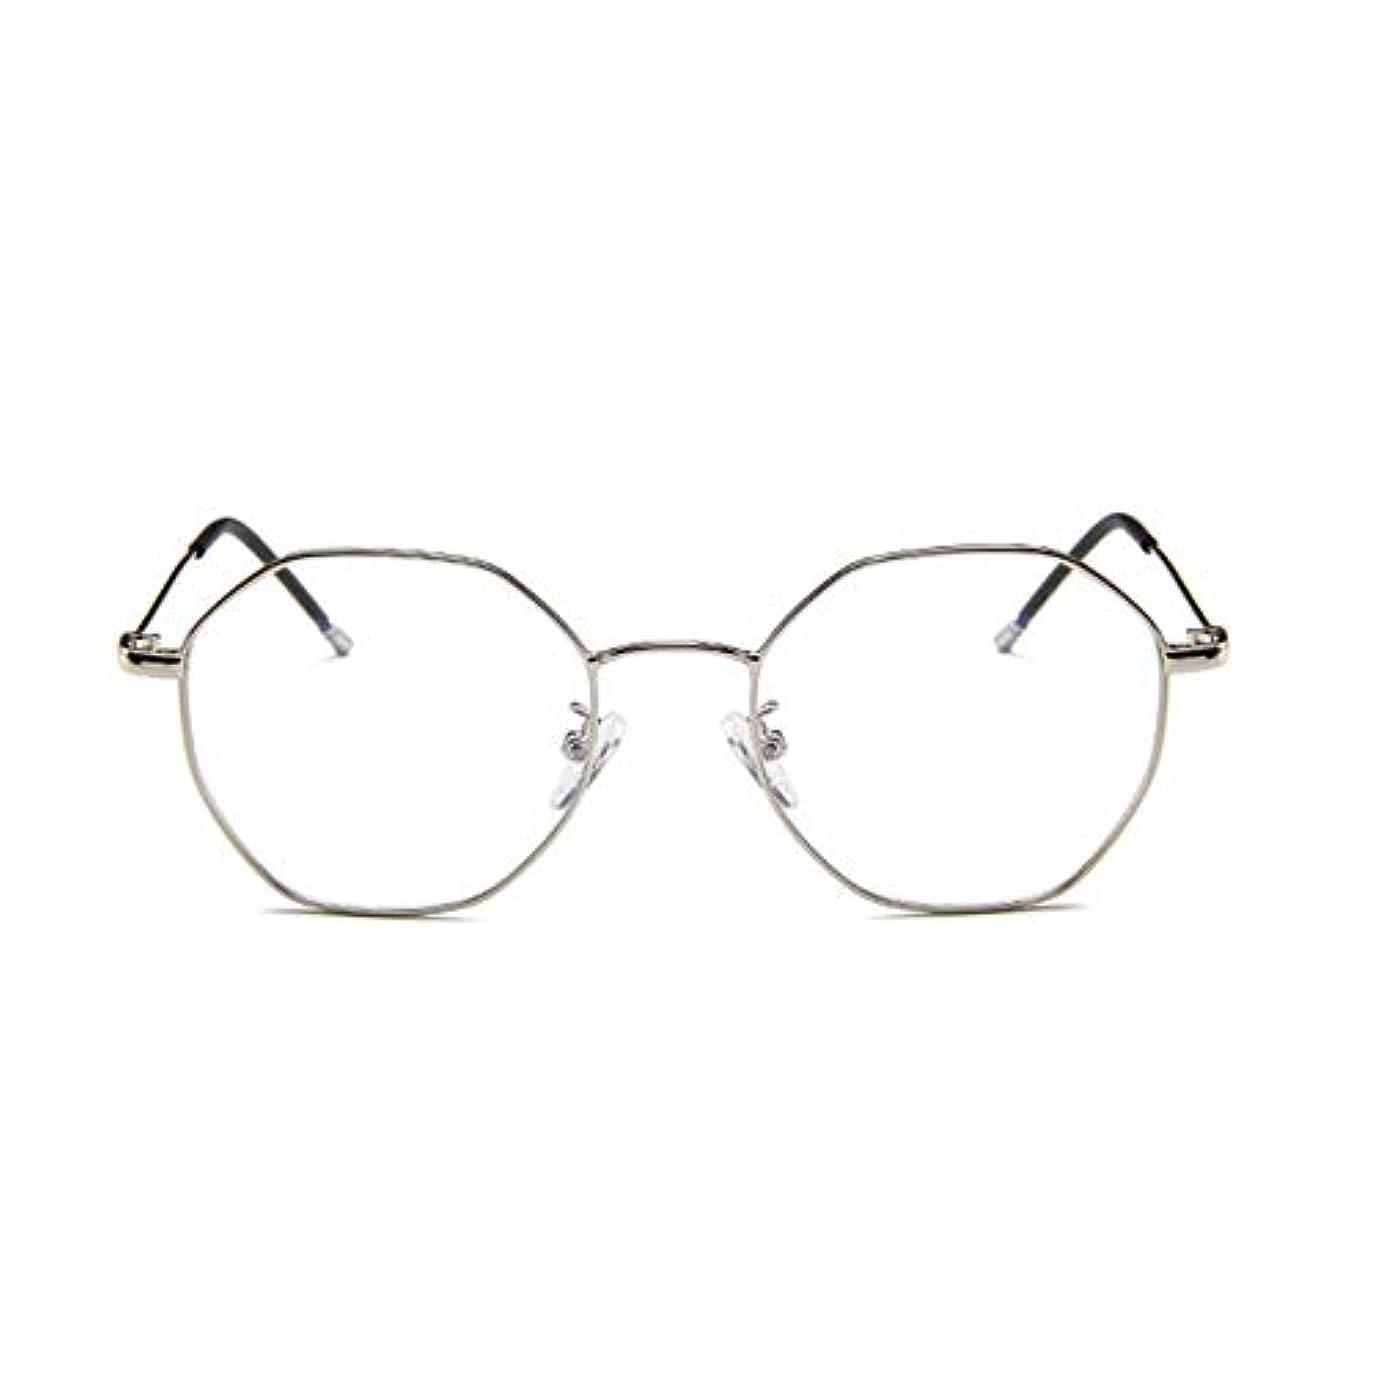 蒸気ペース患者ファッションメガネ近視多角形フレーム韓国語版金属フレーム男性と女性のための不規則なフラットグラス-スライバー